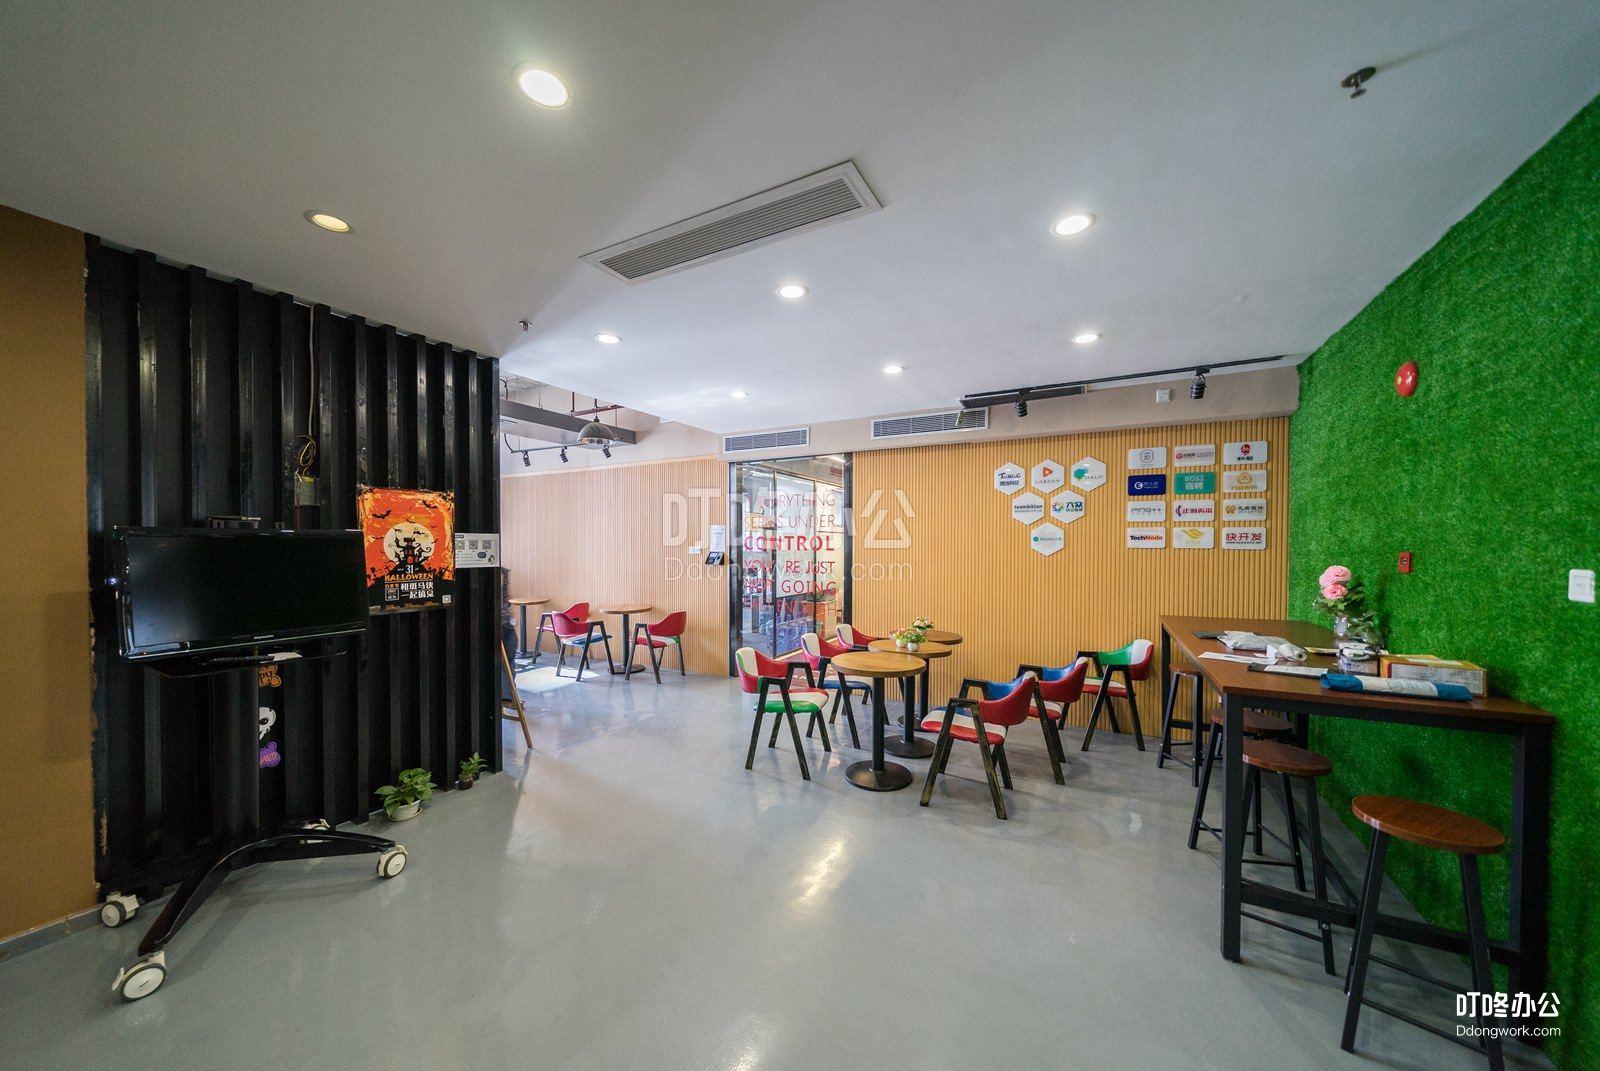 Wedo联合创业社「深圳湾社区」公共区域